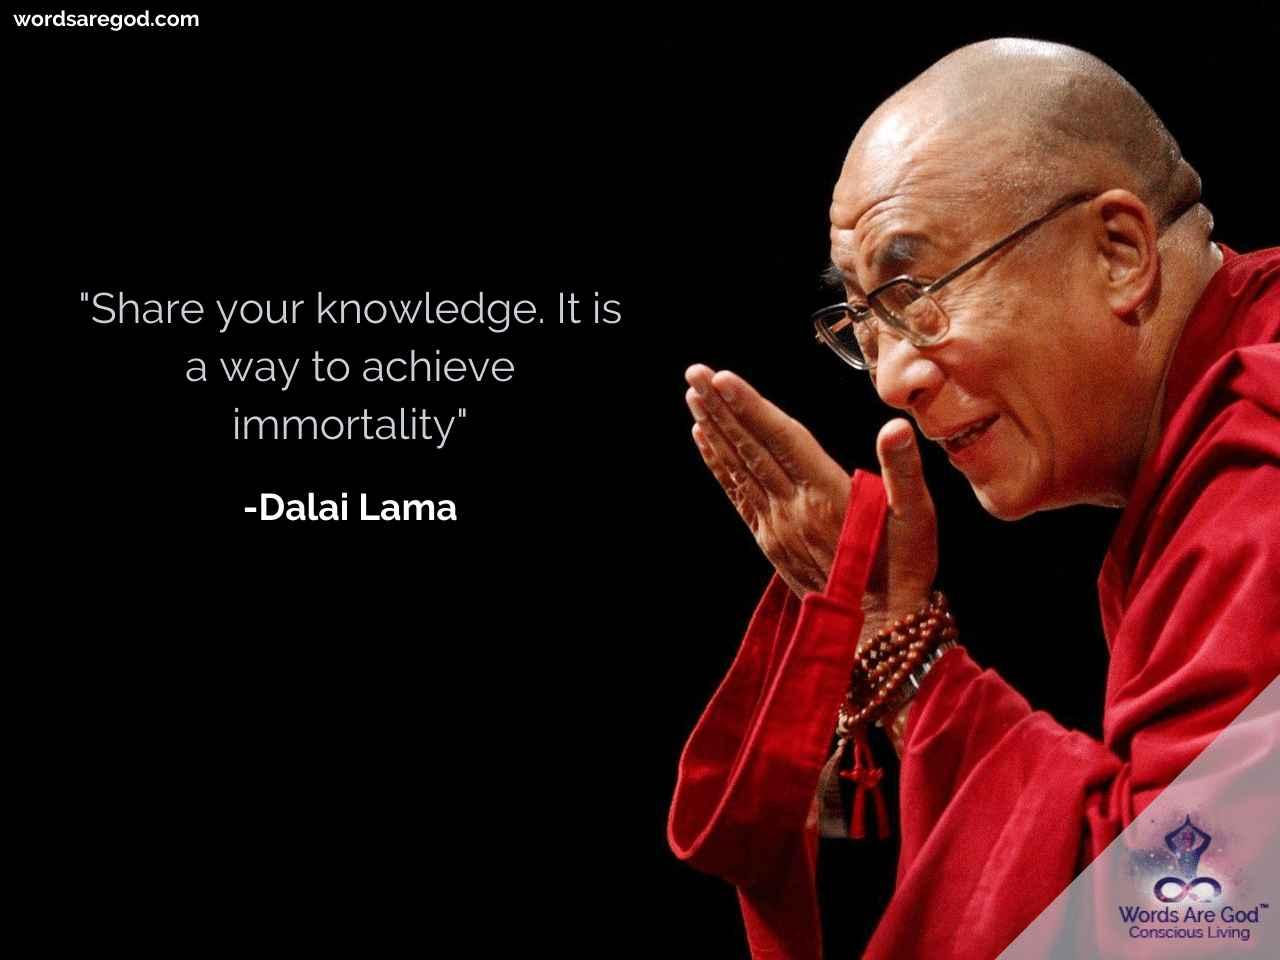 Dalai Lama Best Quote by Dalai Lama